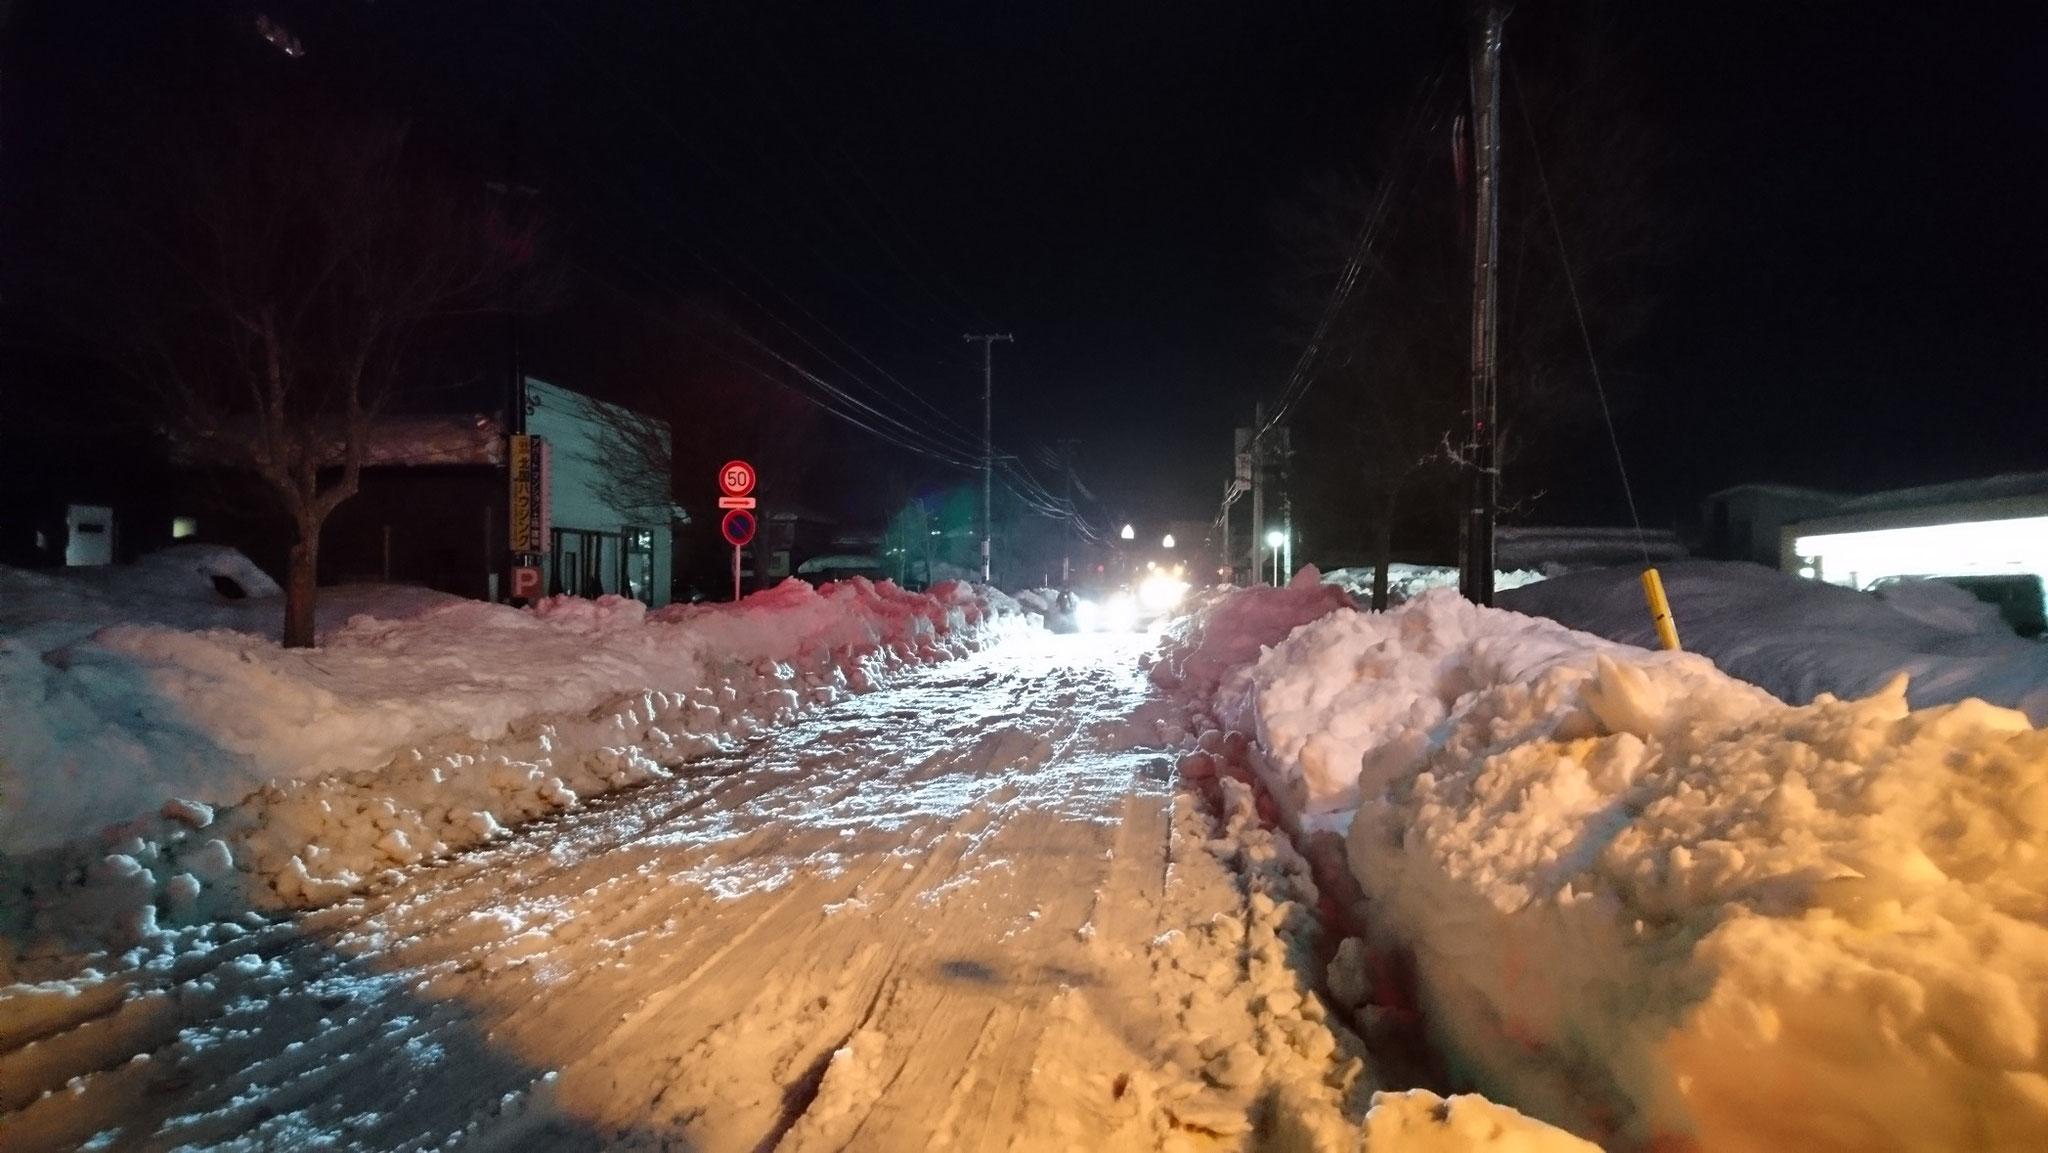 今朝の出勤時。昨晩引き返した道路は荒れ、歩行者にもドライバーにも、危険な状態です。